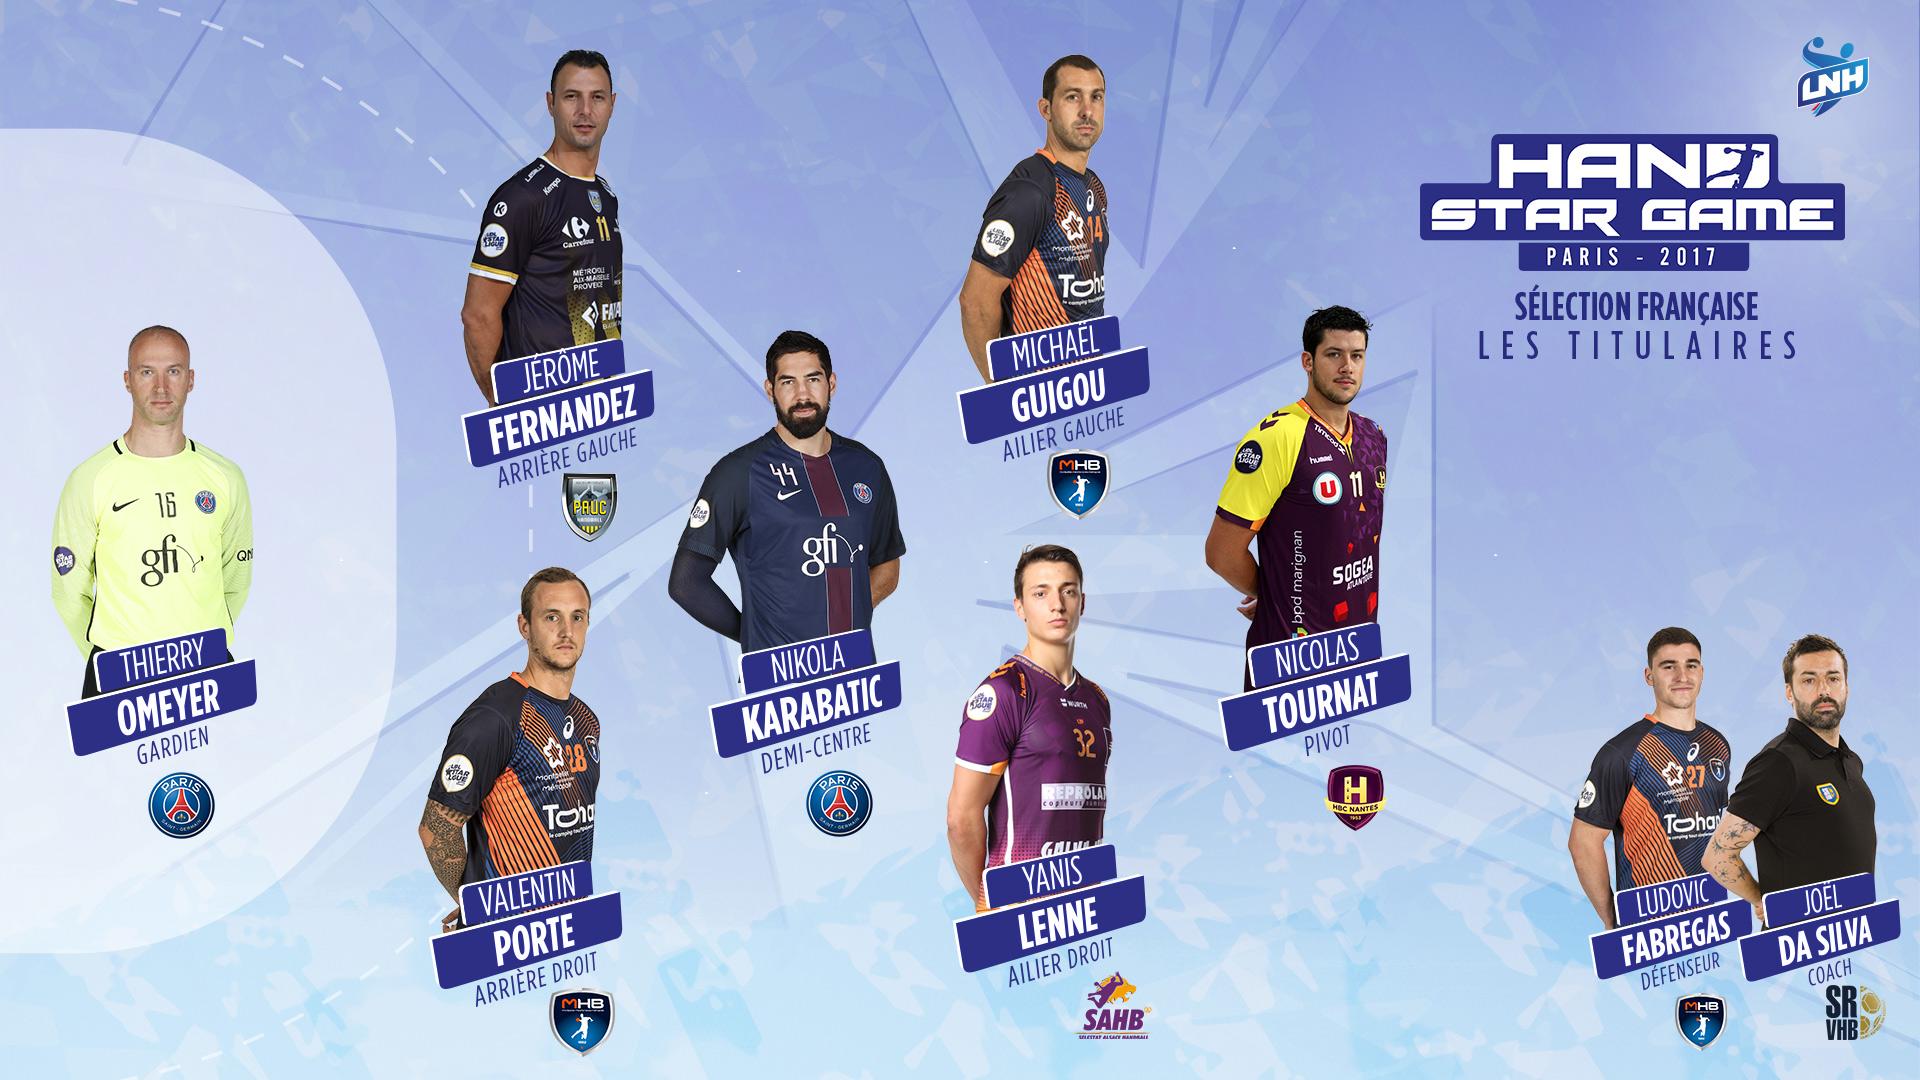 Les titulaires de la sélection française